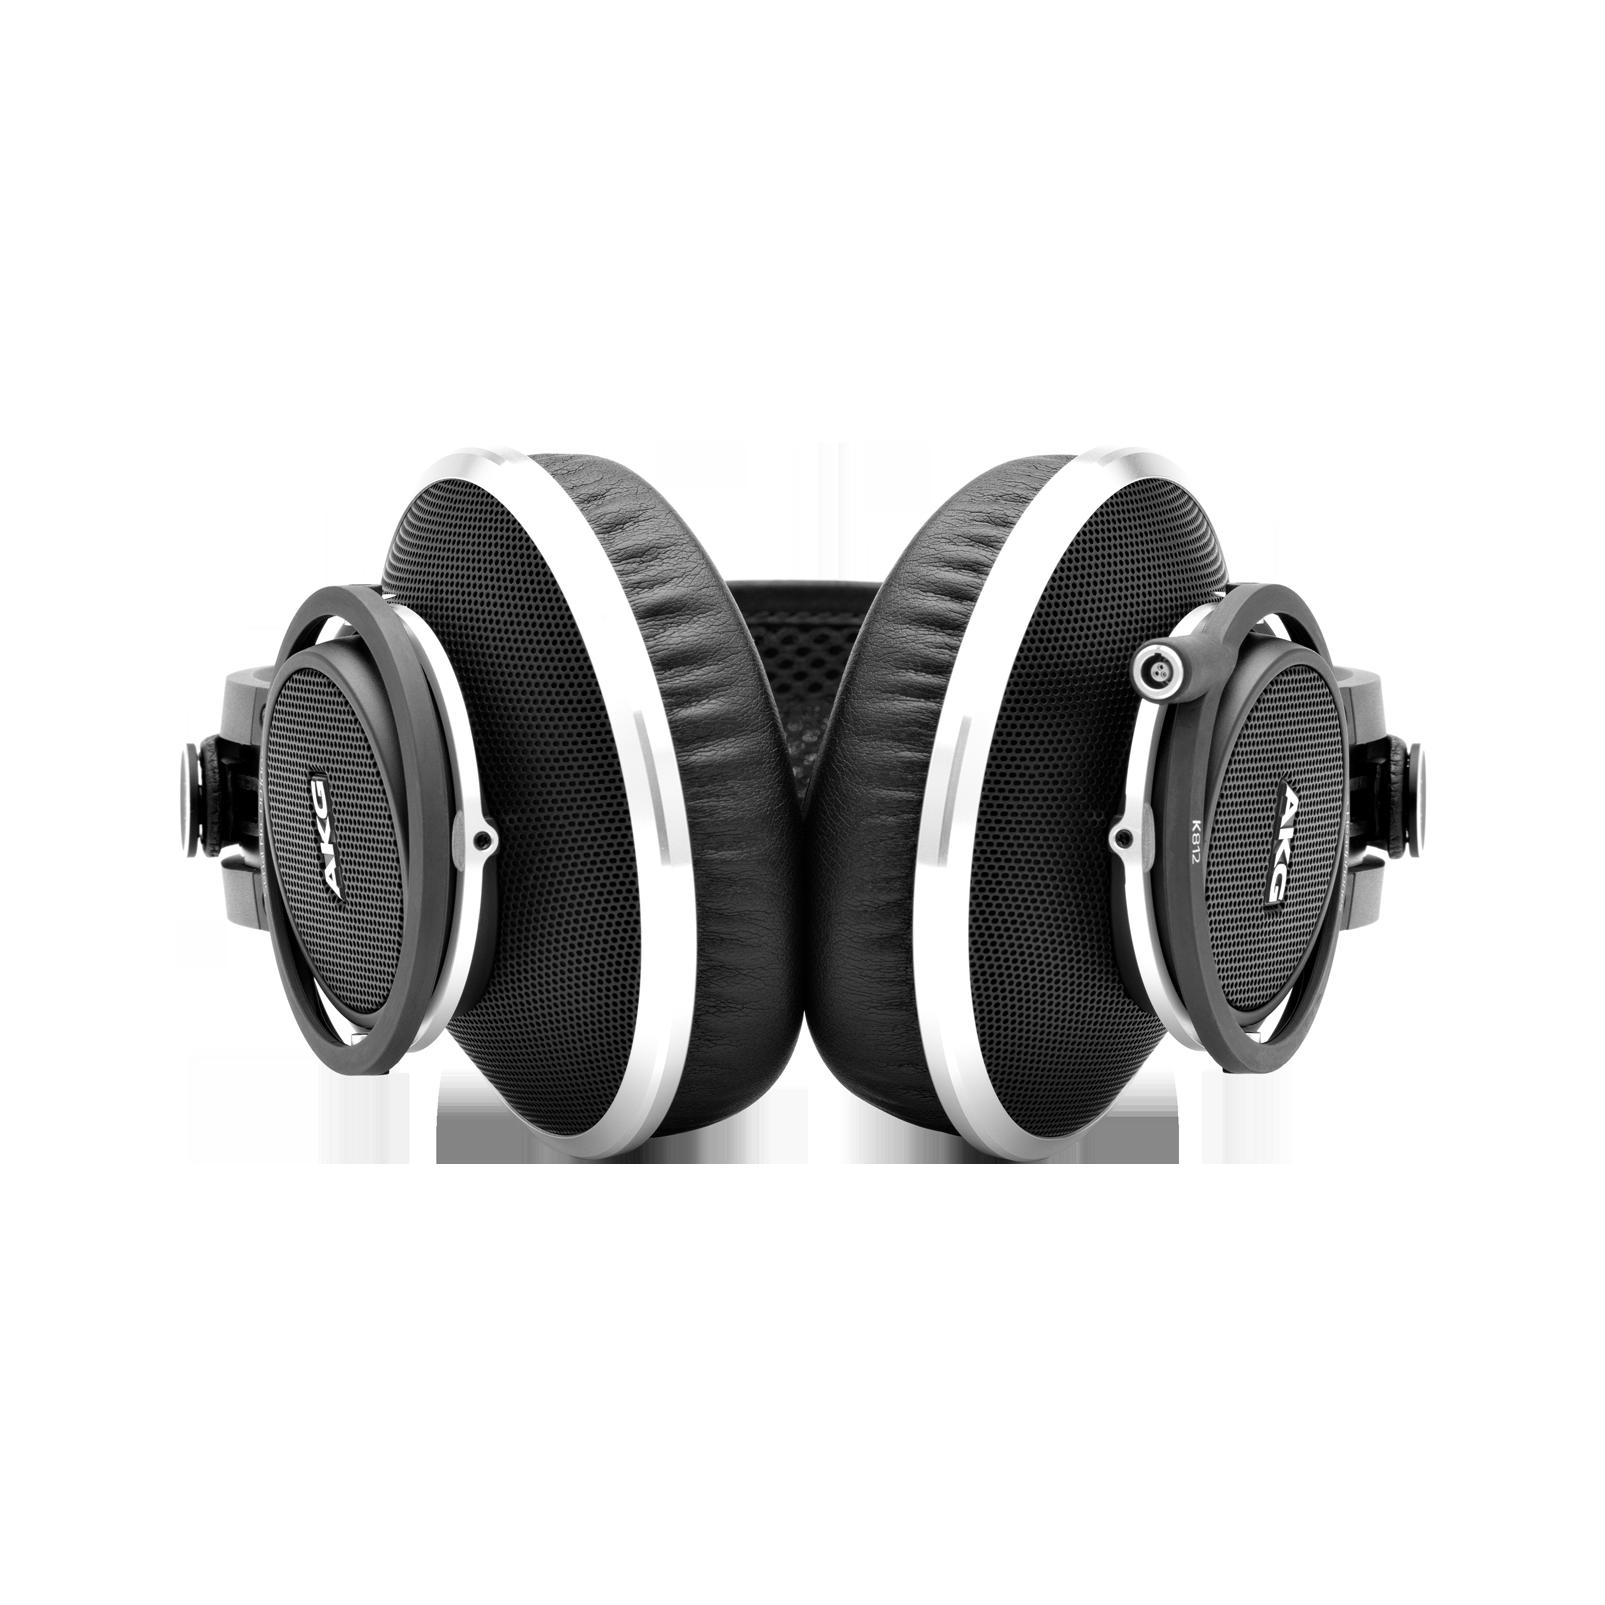 K812 - Black - Superior reference headphones - Detailshot 1